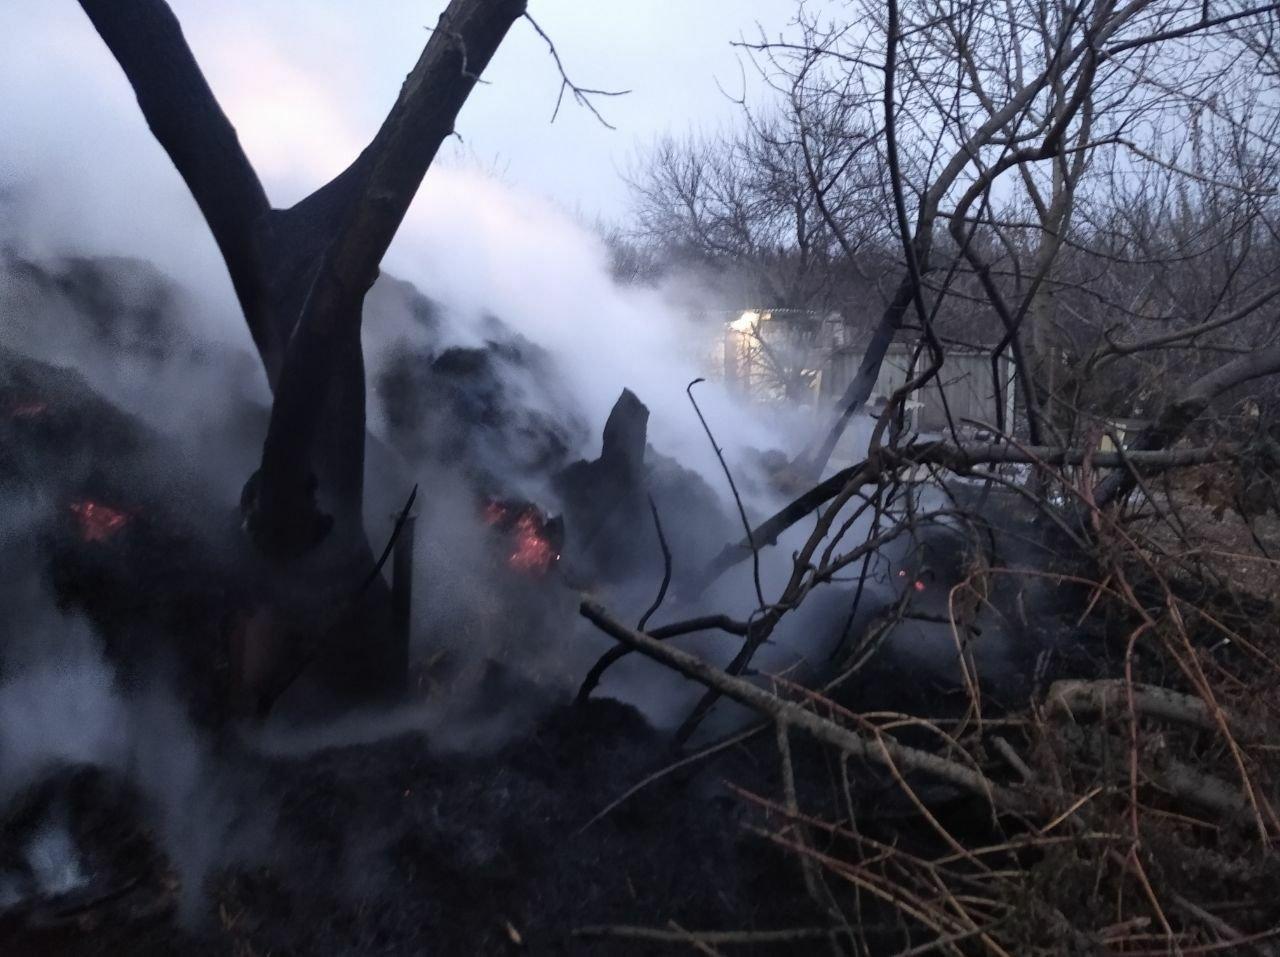 На Харьковщине неизвестные подожгли тонну заготовленной соломы, - ФОТО, фото-3